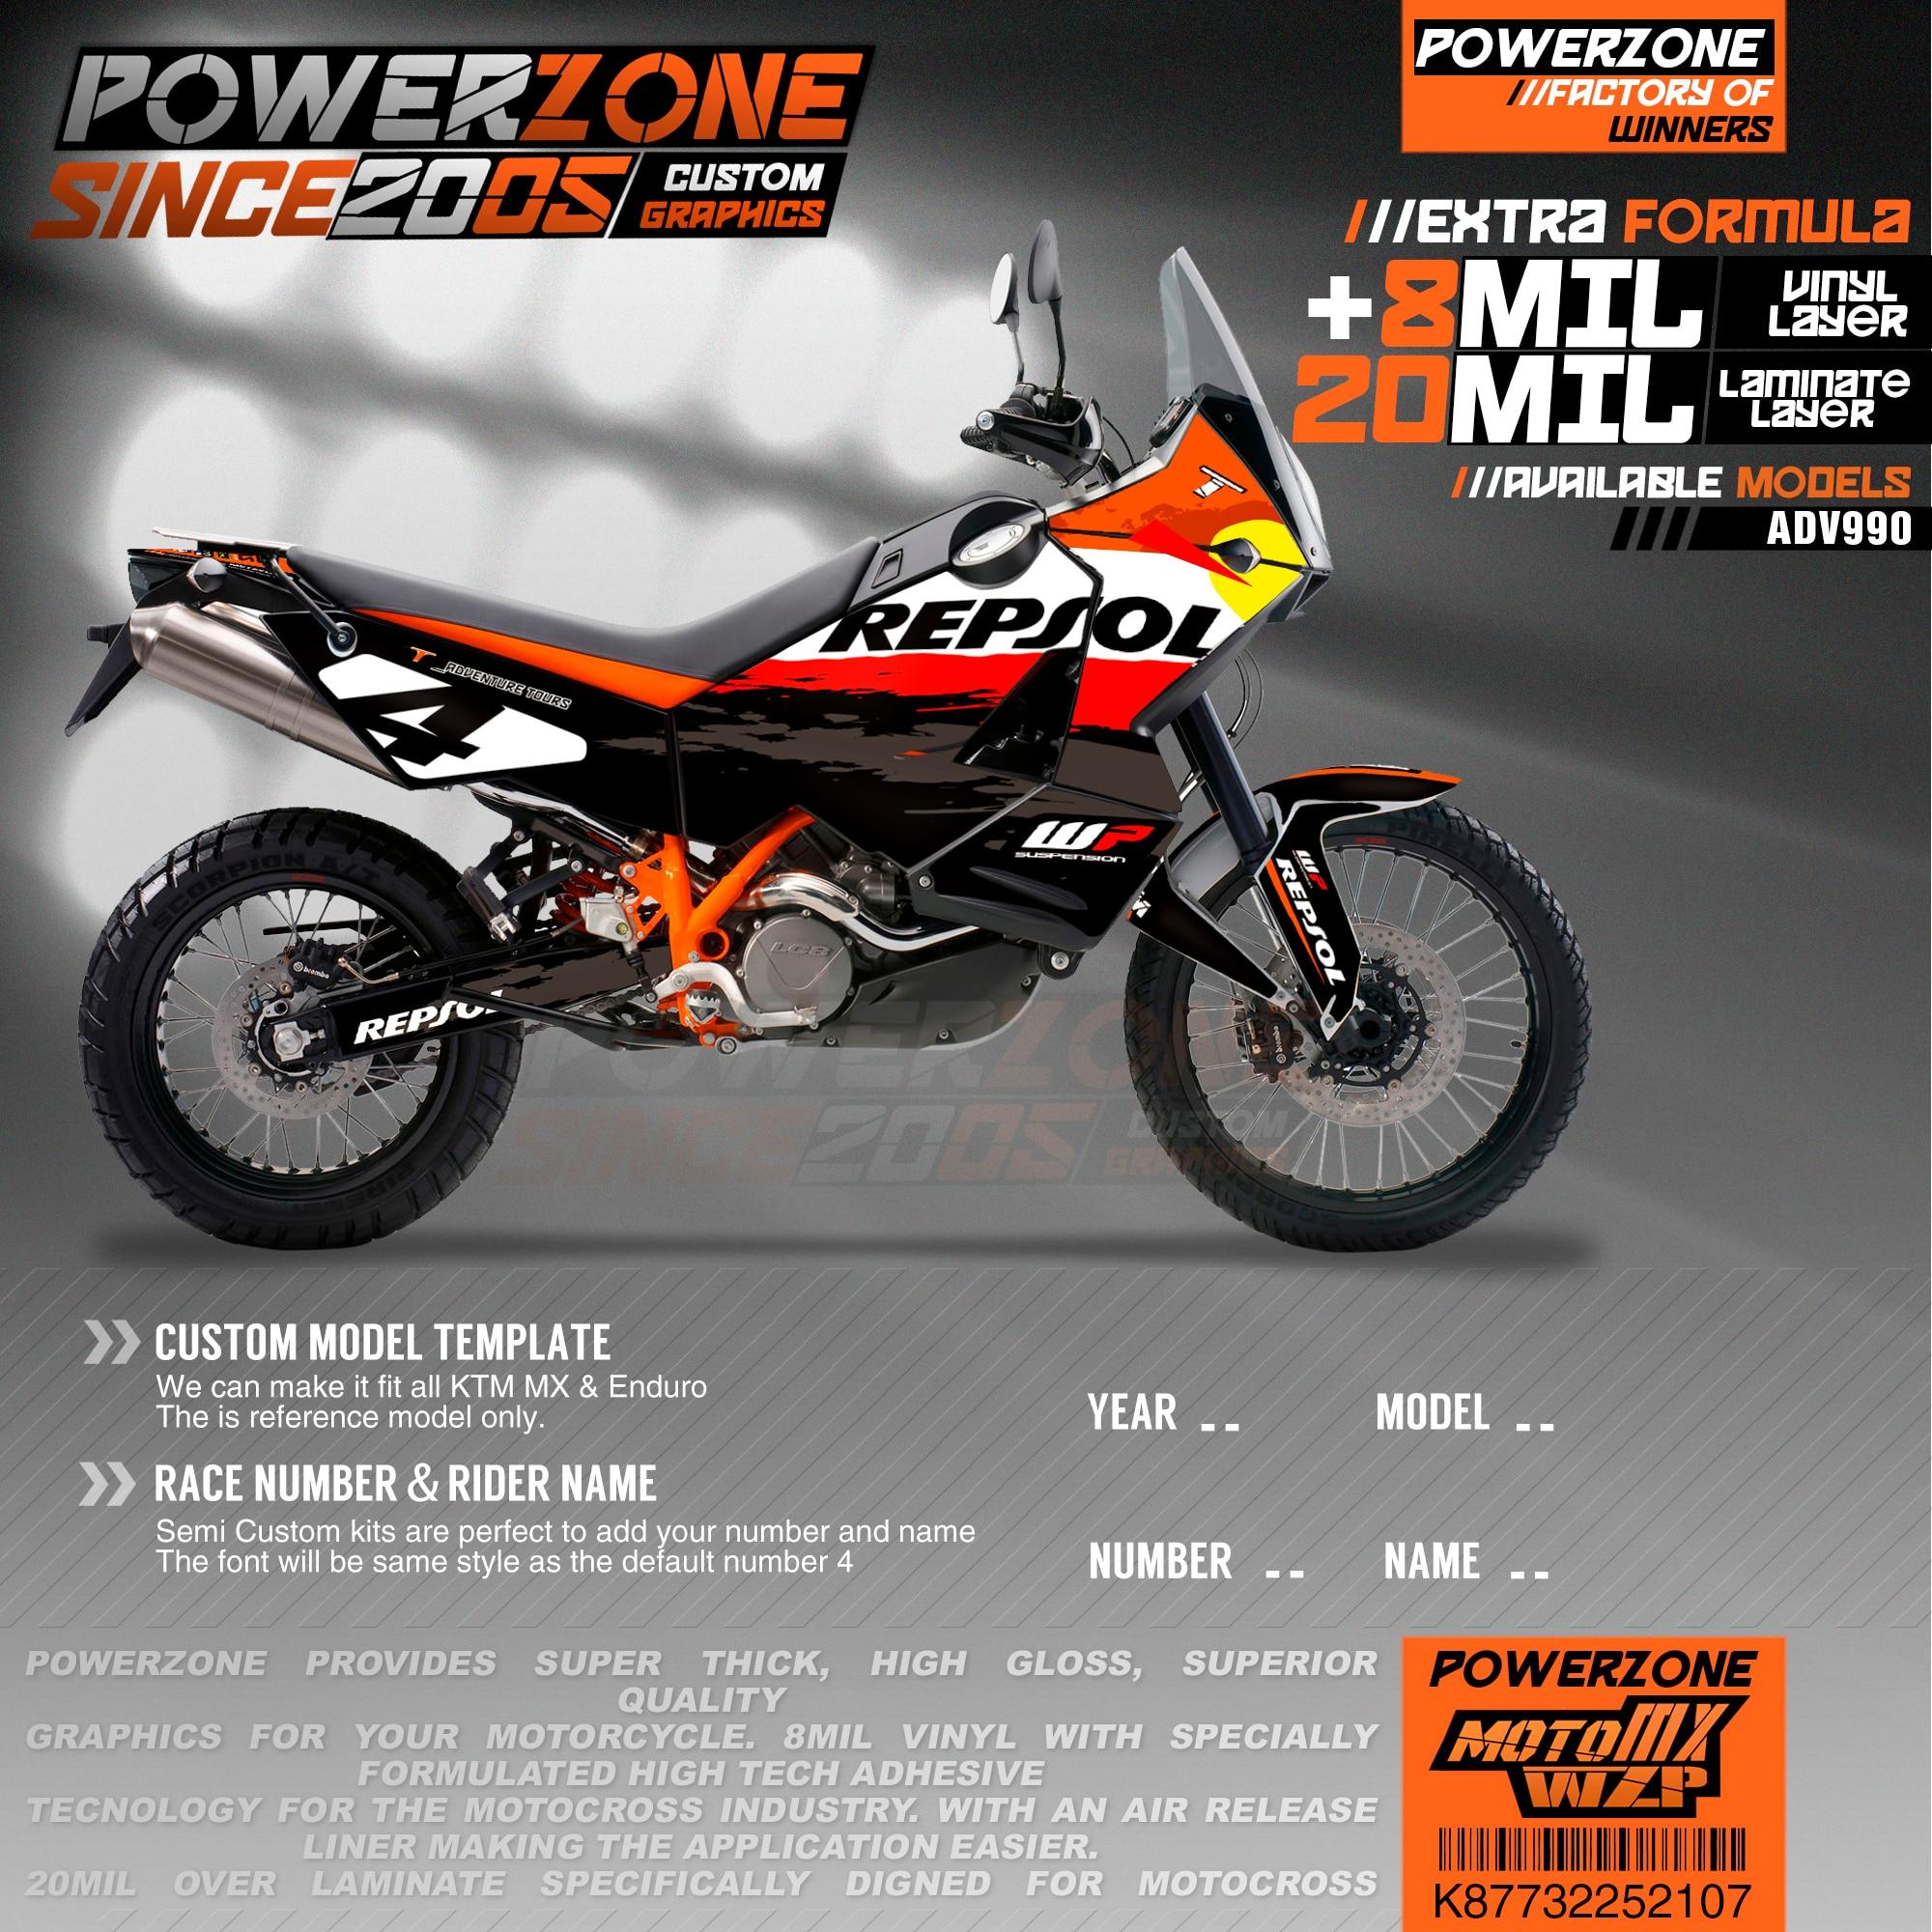 PowerZone مخصص فريق الرسومات الخلفيات الشارات 3M ملصقات عدة ل KTM ADV 950 990 107